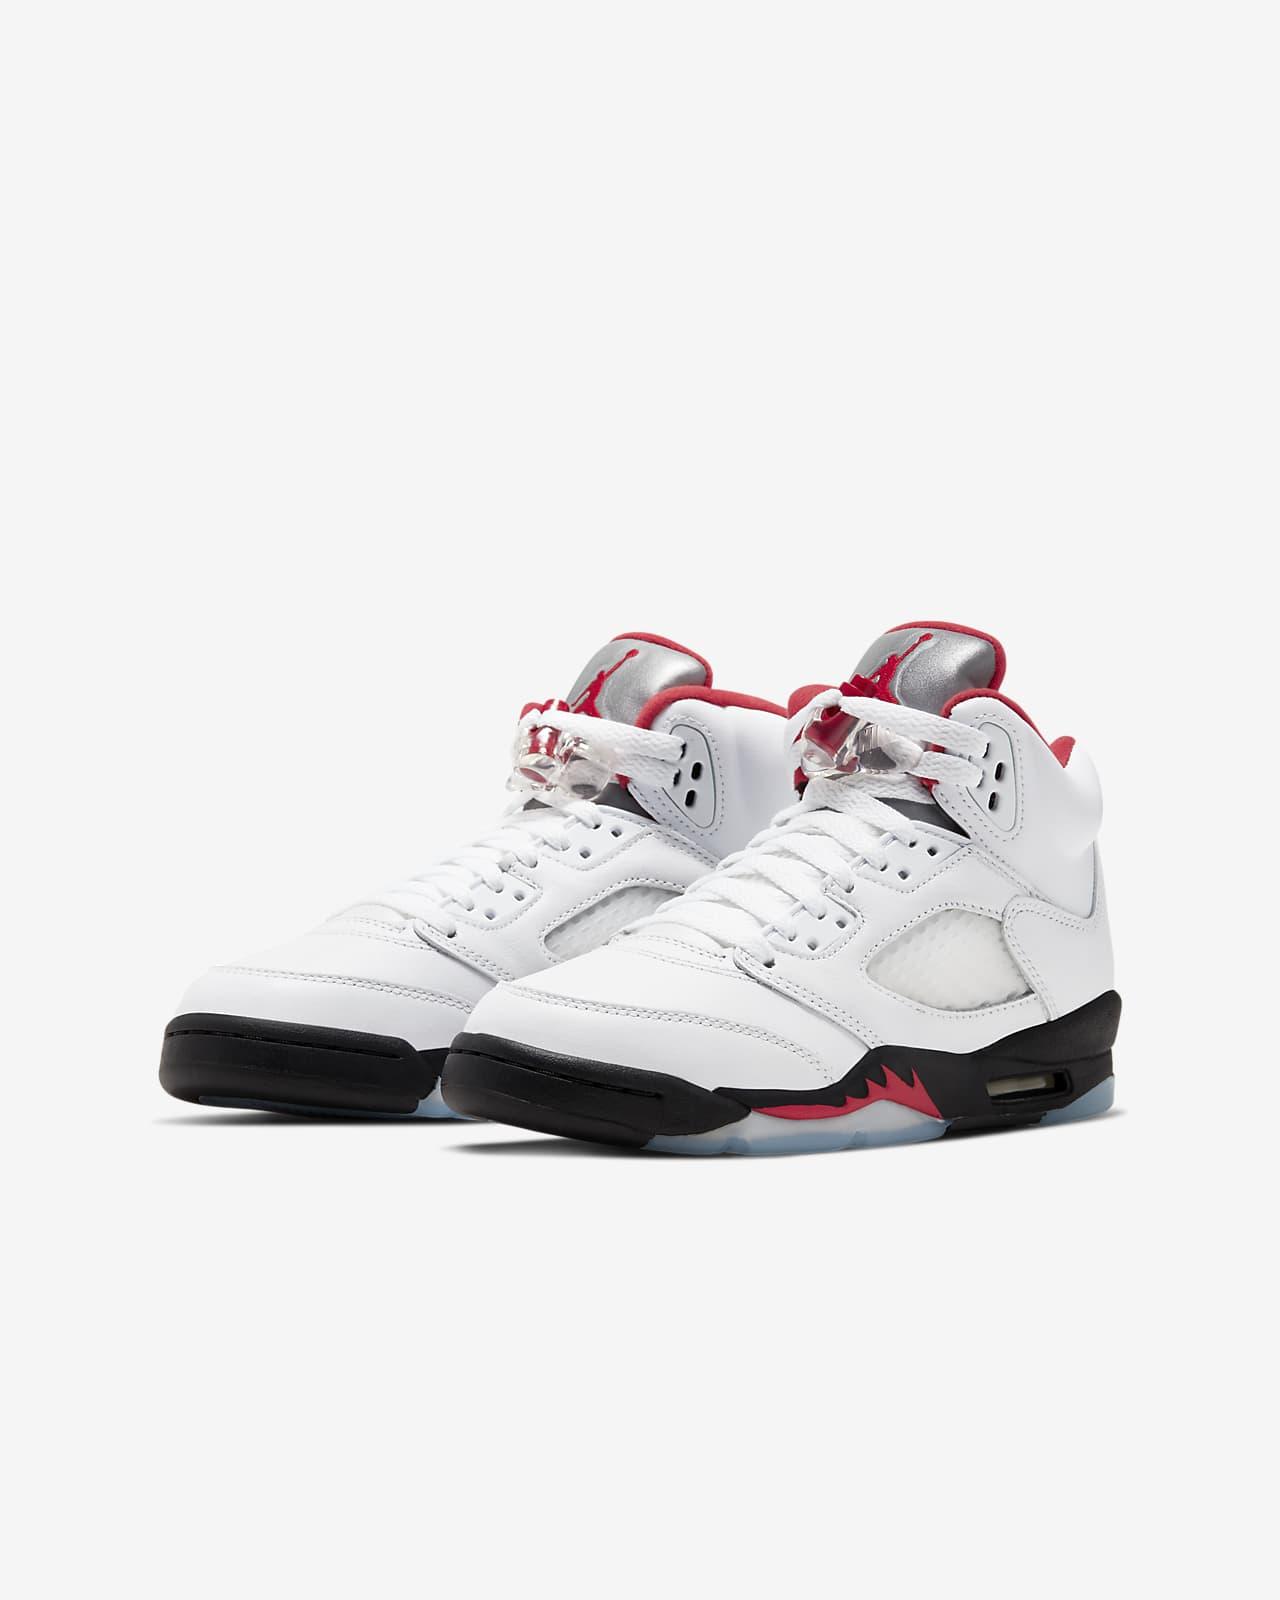 Air Jordan 5 Retro Older Kids' Shoes